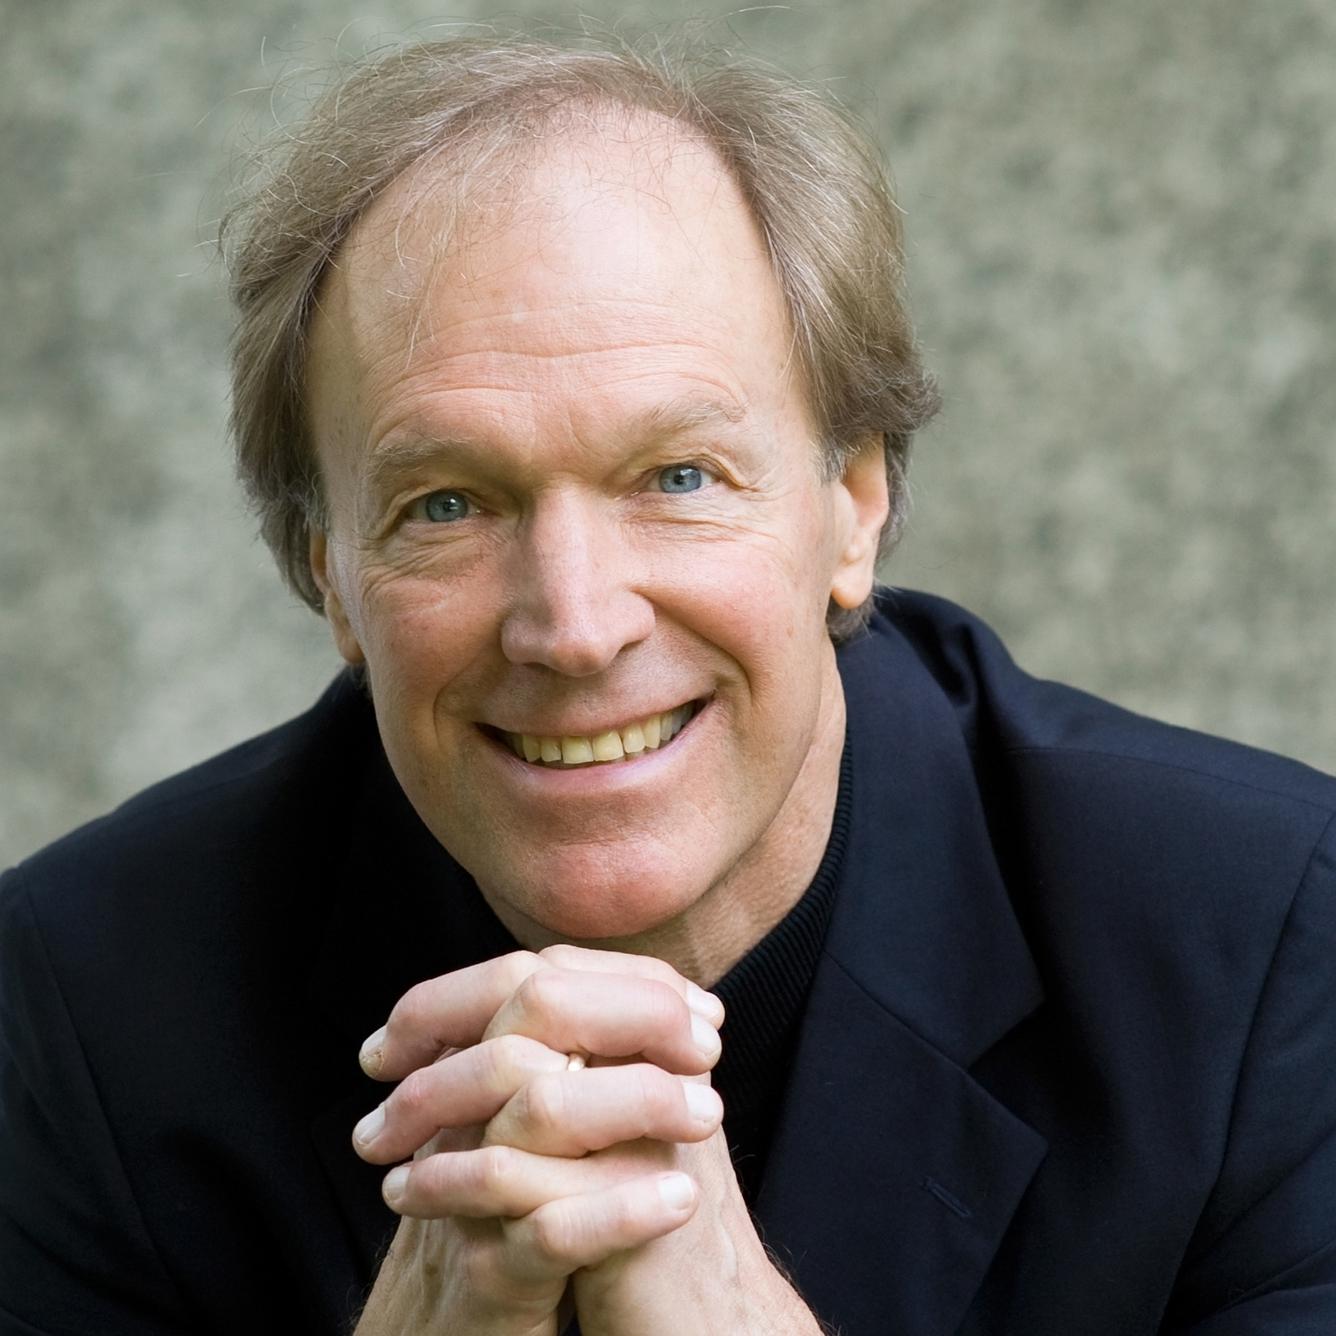 David Neal, Bass-Baritone